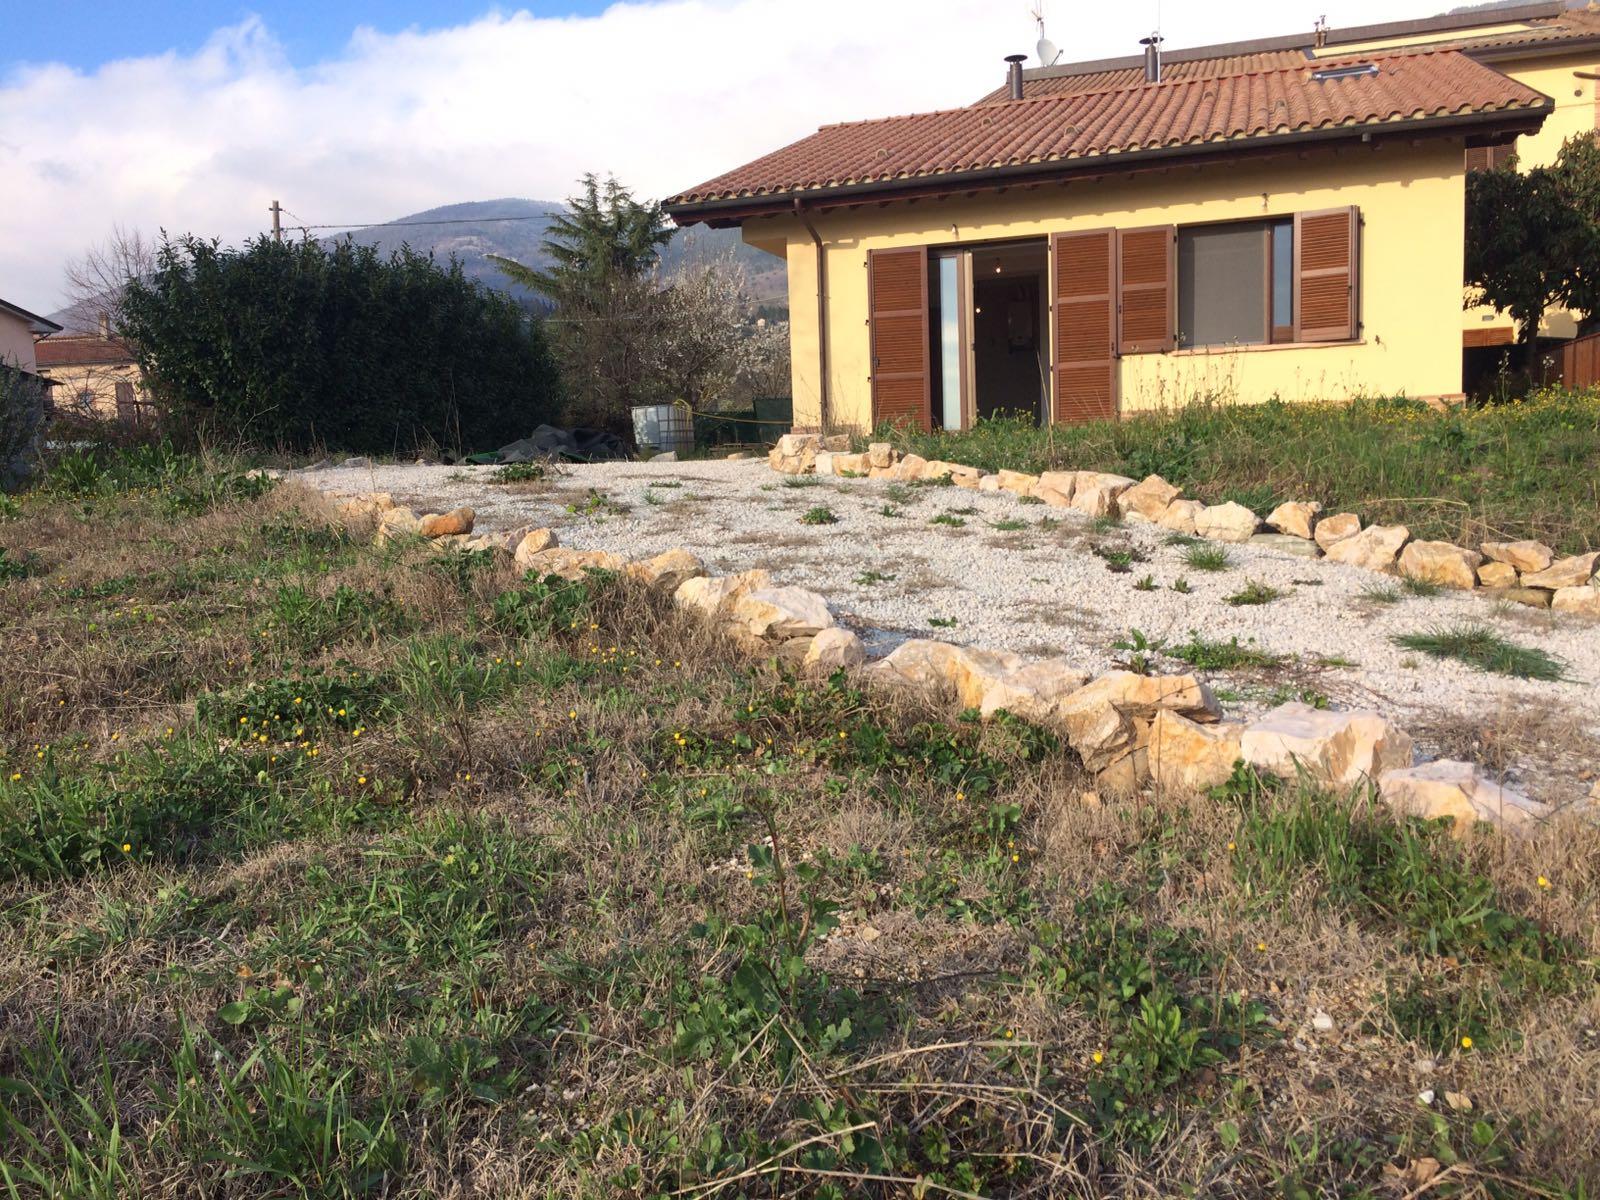 Capodacqua di Assisi- Villetta di nuova costruzione